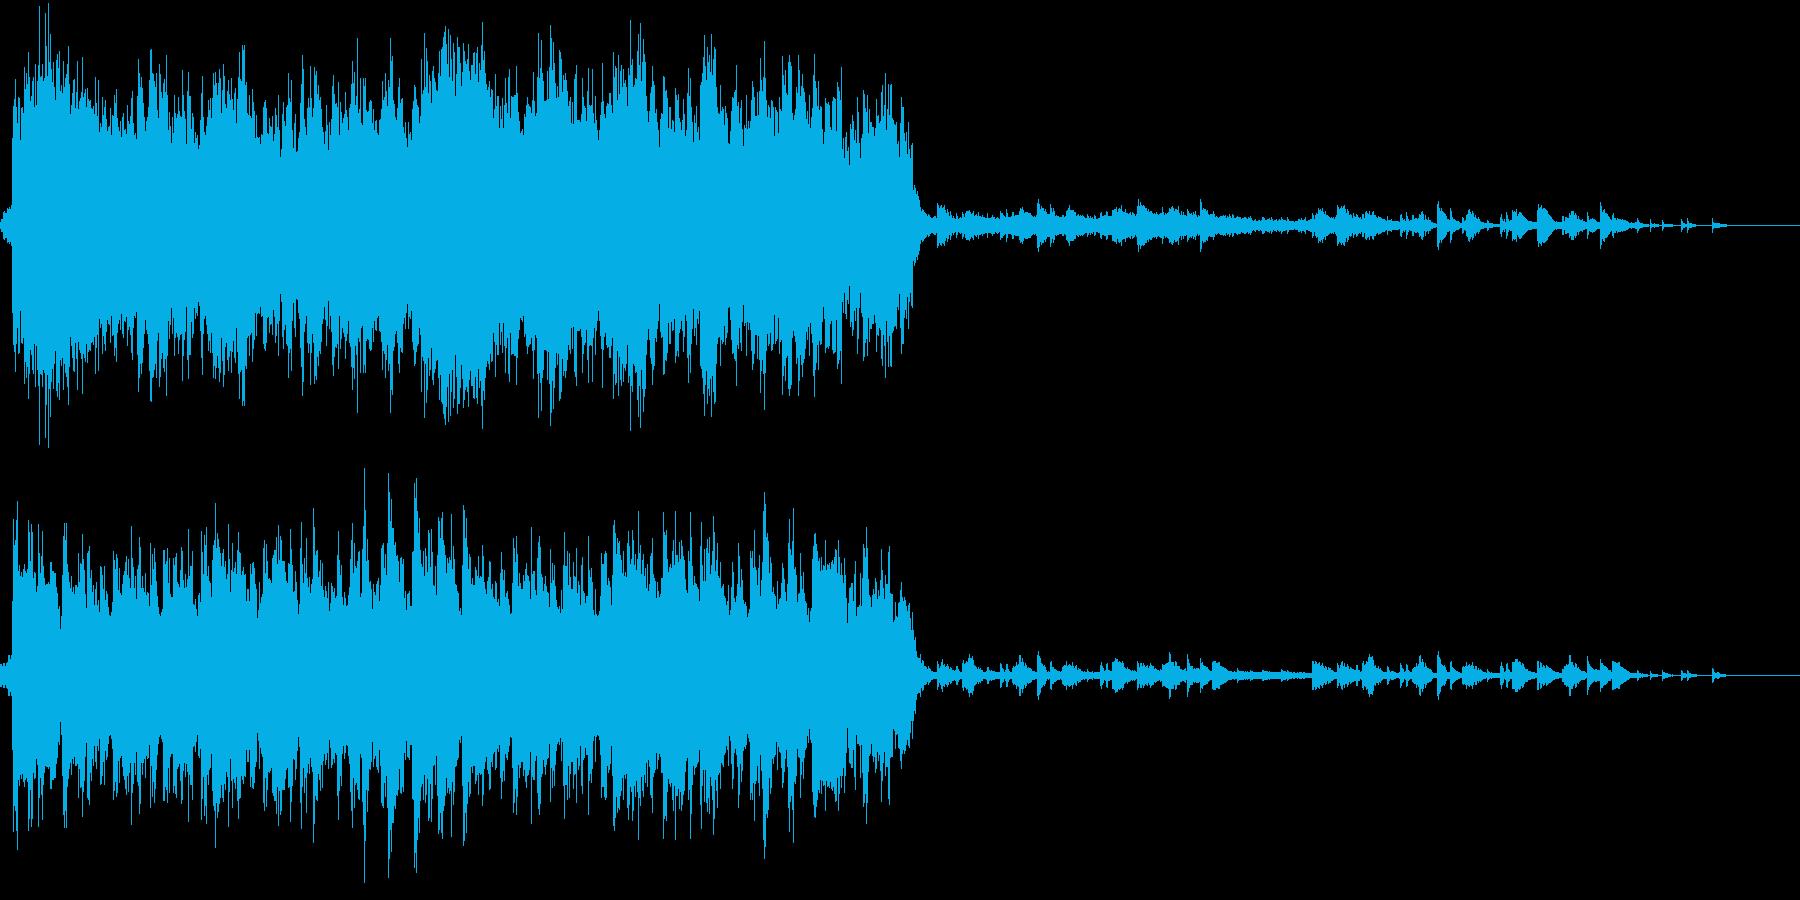 感動的な雰囲気のオーケストラBGMの再生済みの波形